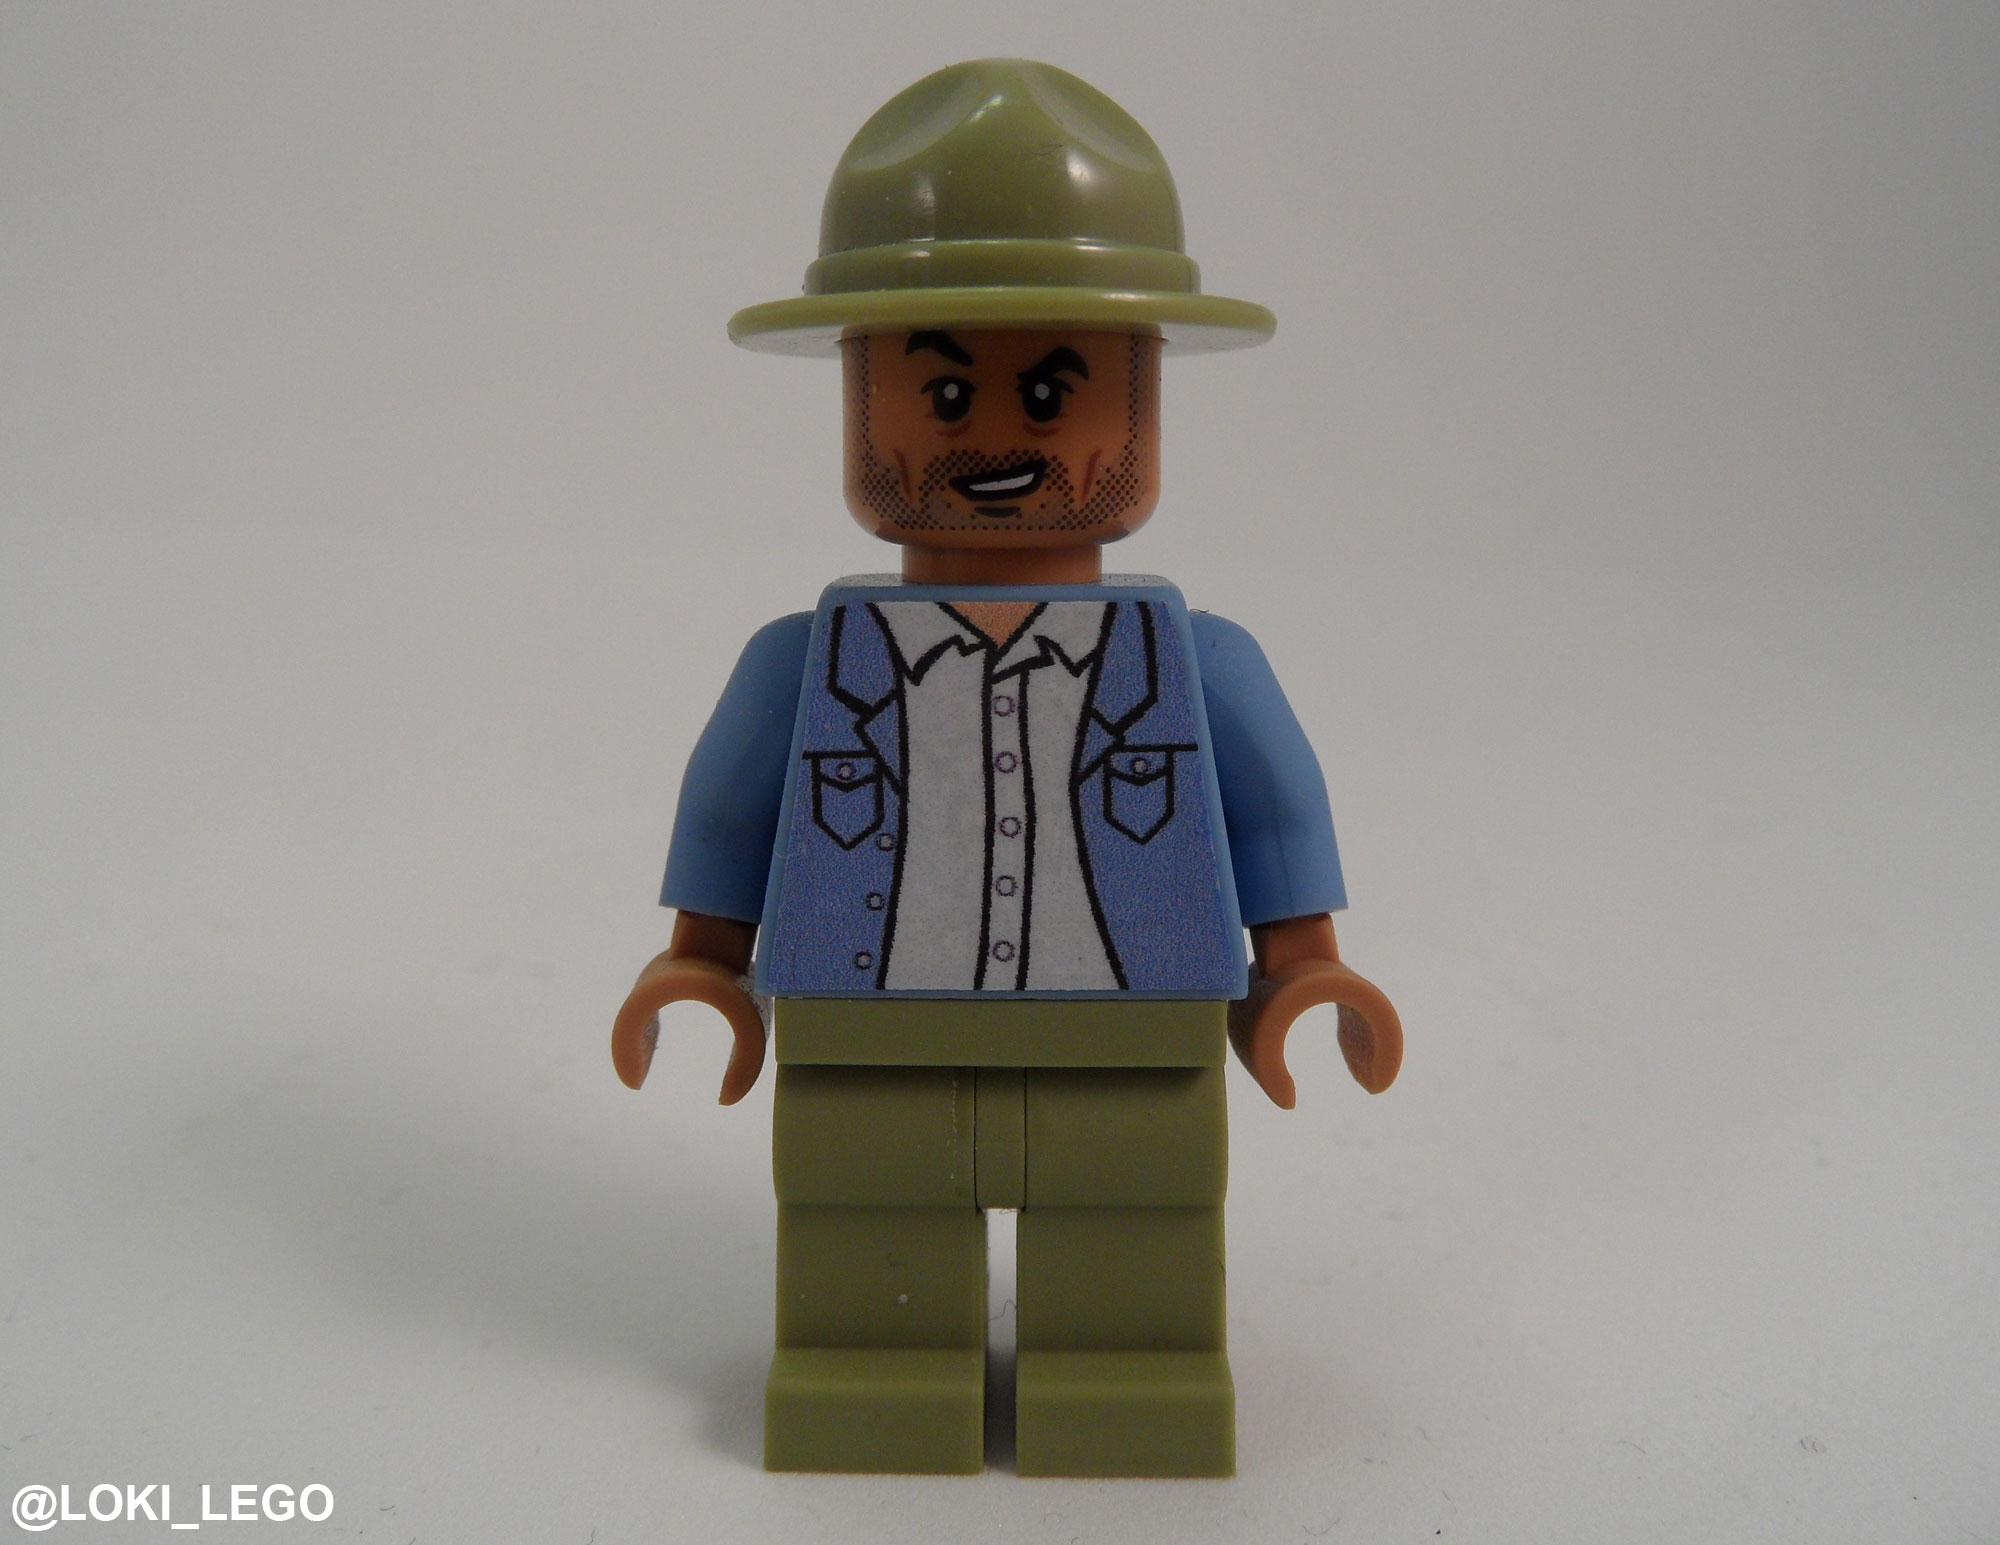 thor-ragnarok-lego-set-4